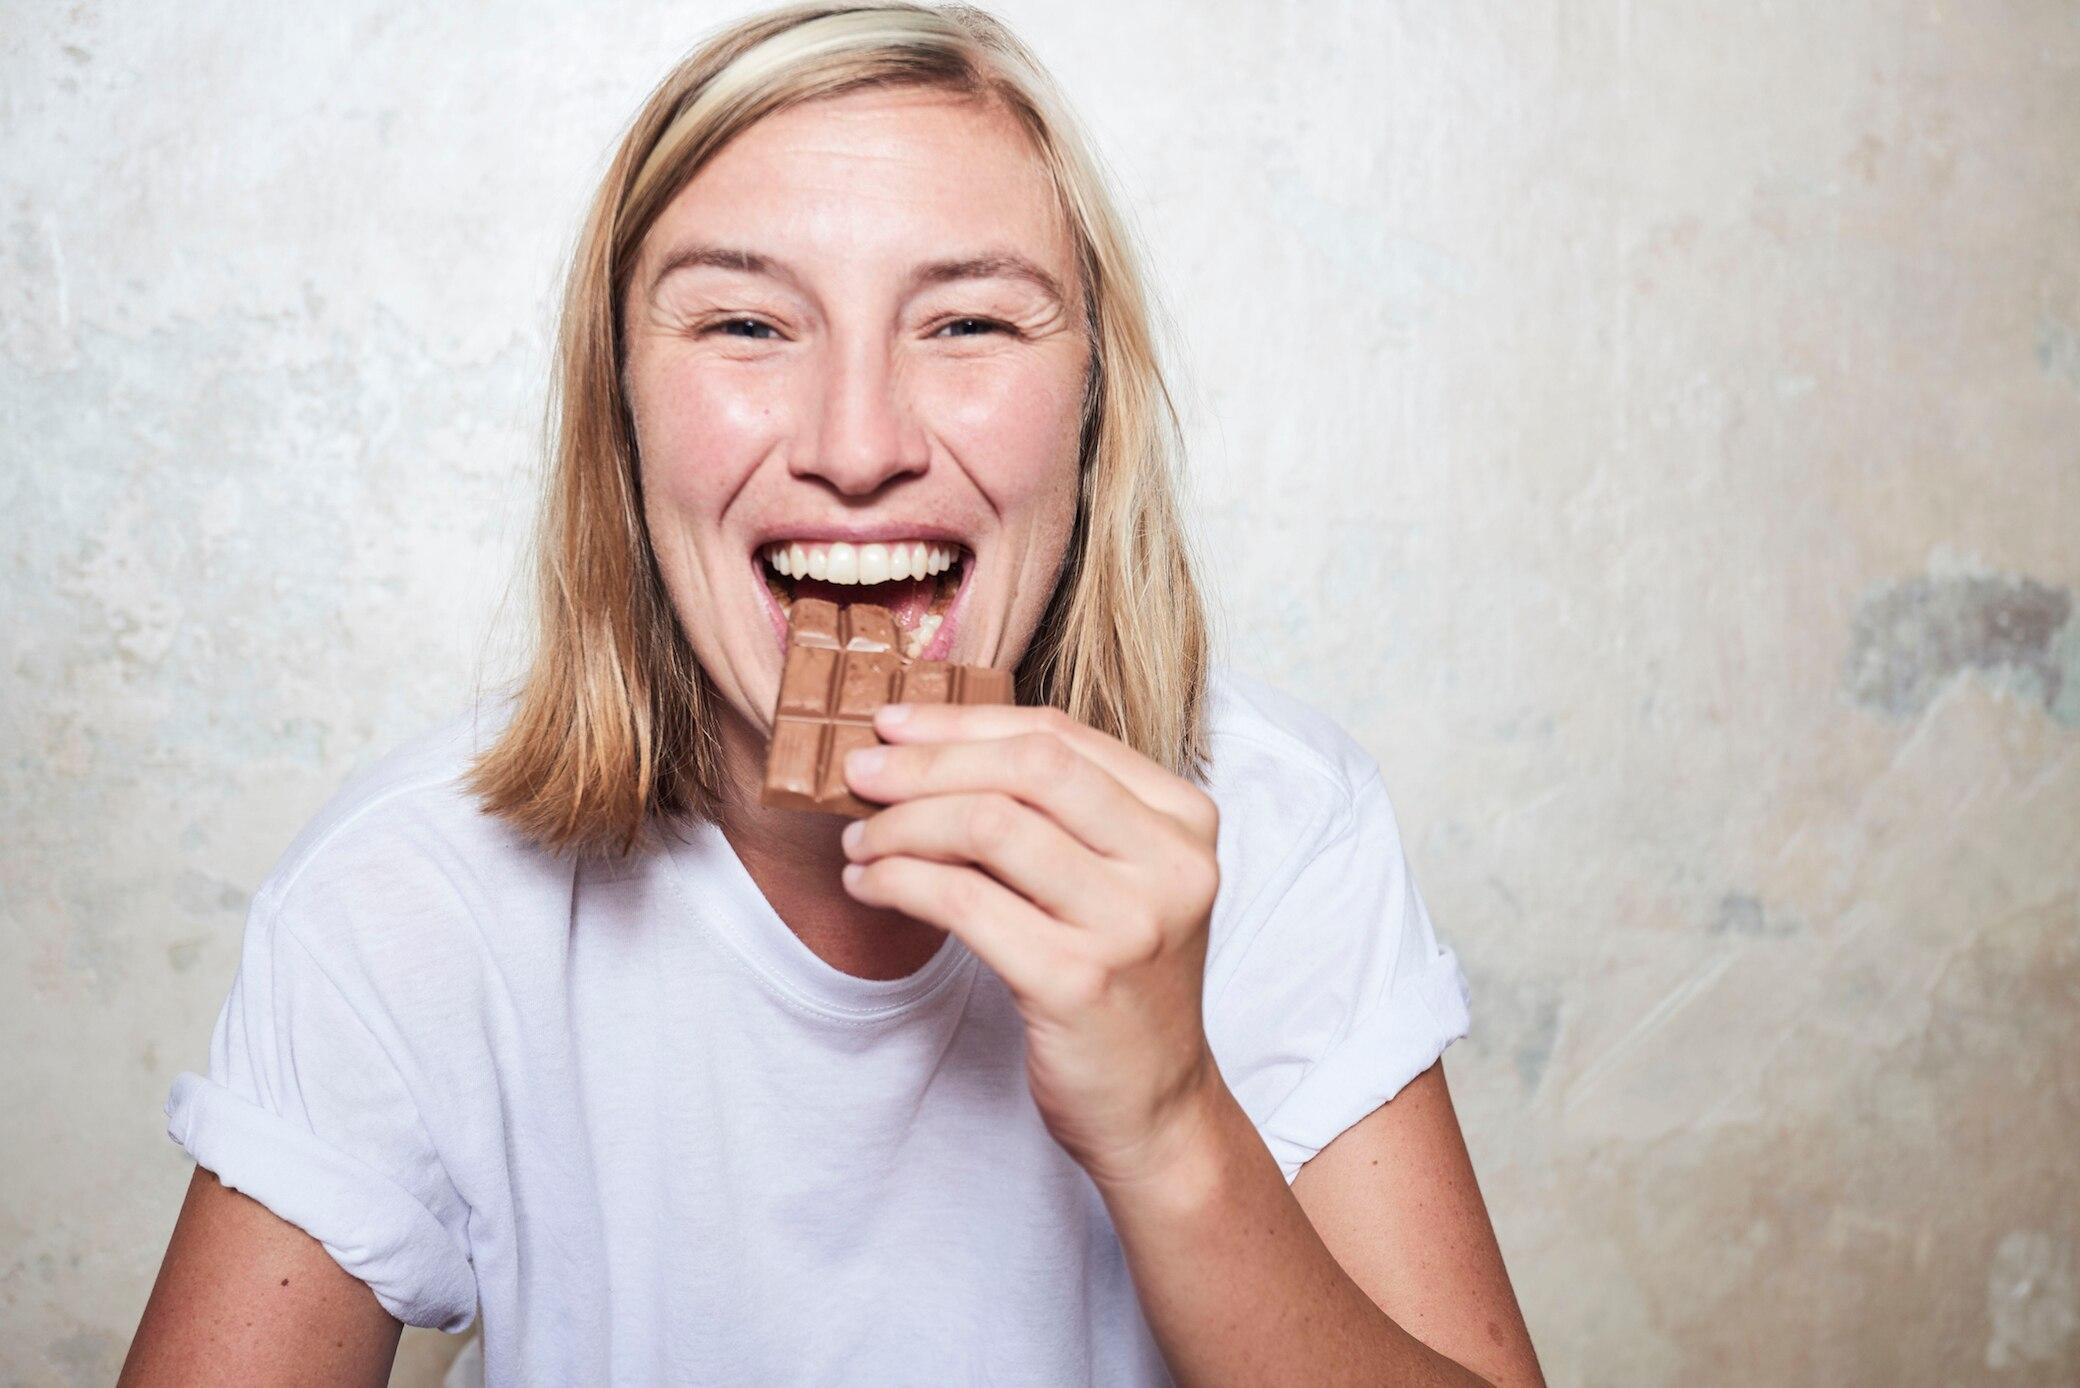 Schokolade macht schöööööön!